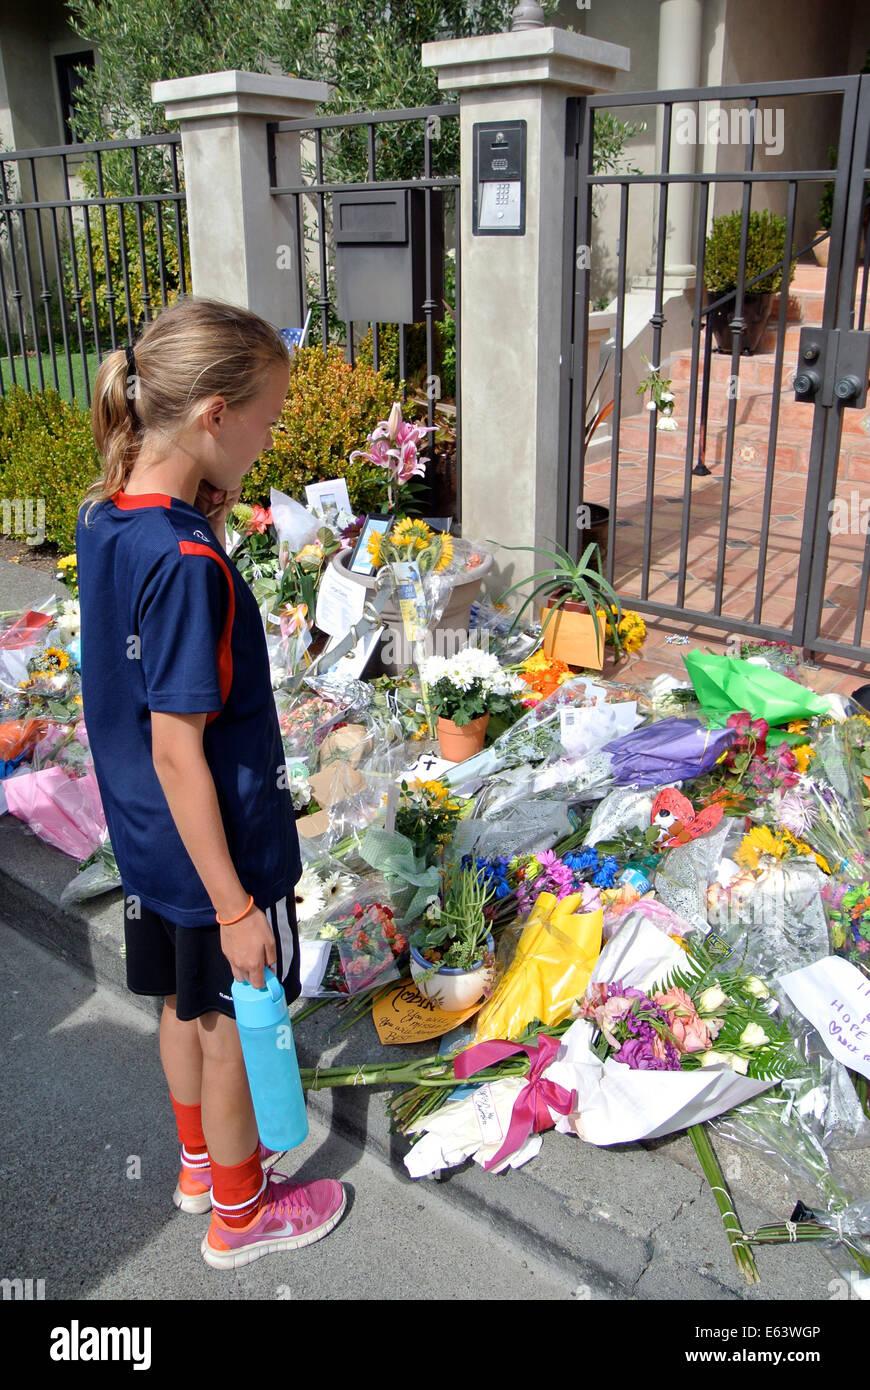 Tiburon, CA, USA. 13th Aug, 2014. August 13th, 2014 Tiburon, Calif. USA. daughter of one of Robin Williams neighbors - Stock Image